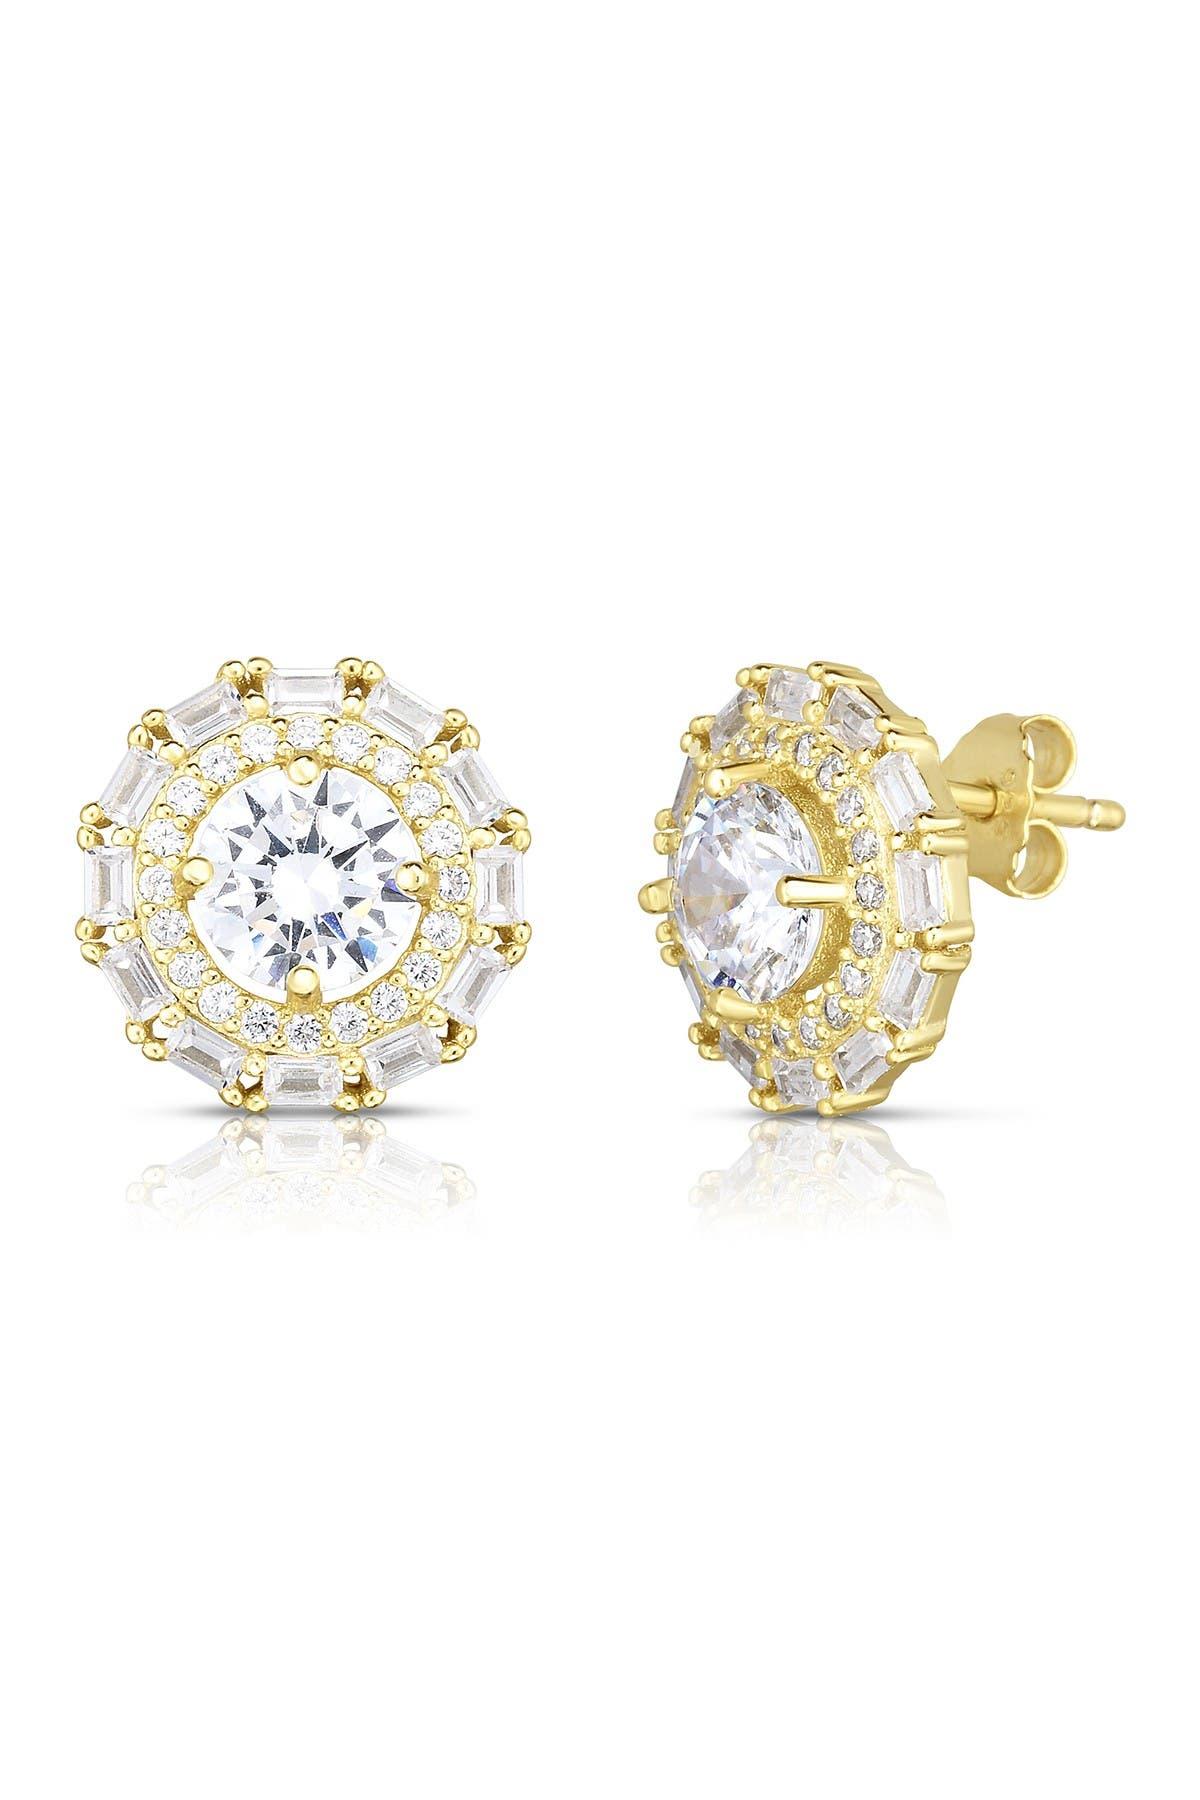 Image of Sphera Milano Gold Vermeil Stud Earrings